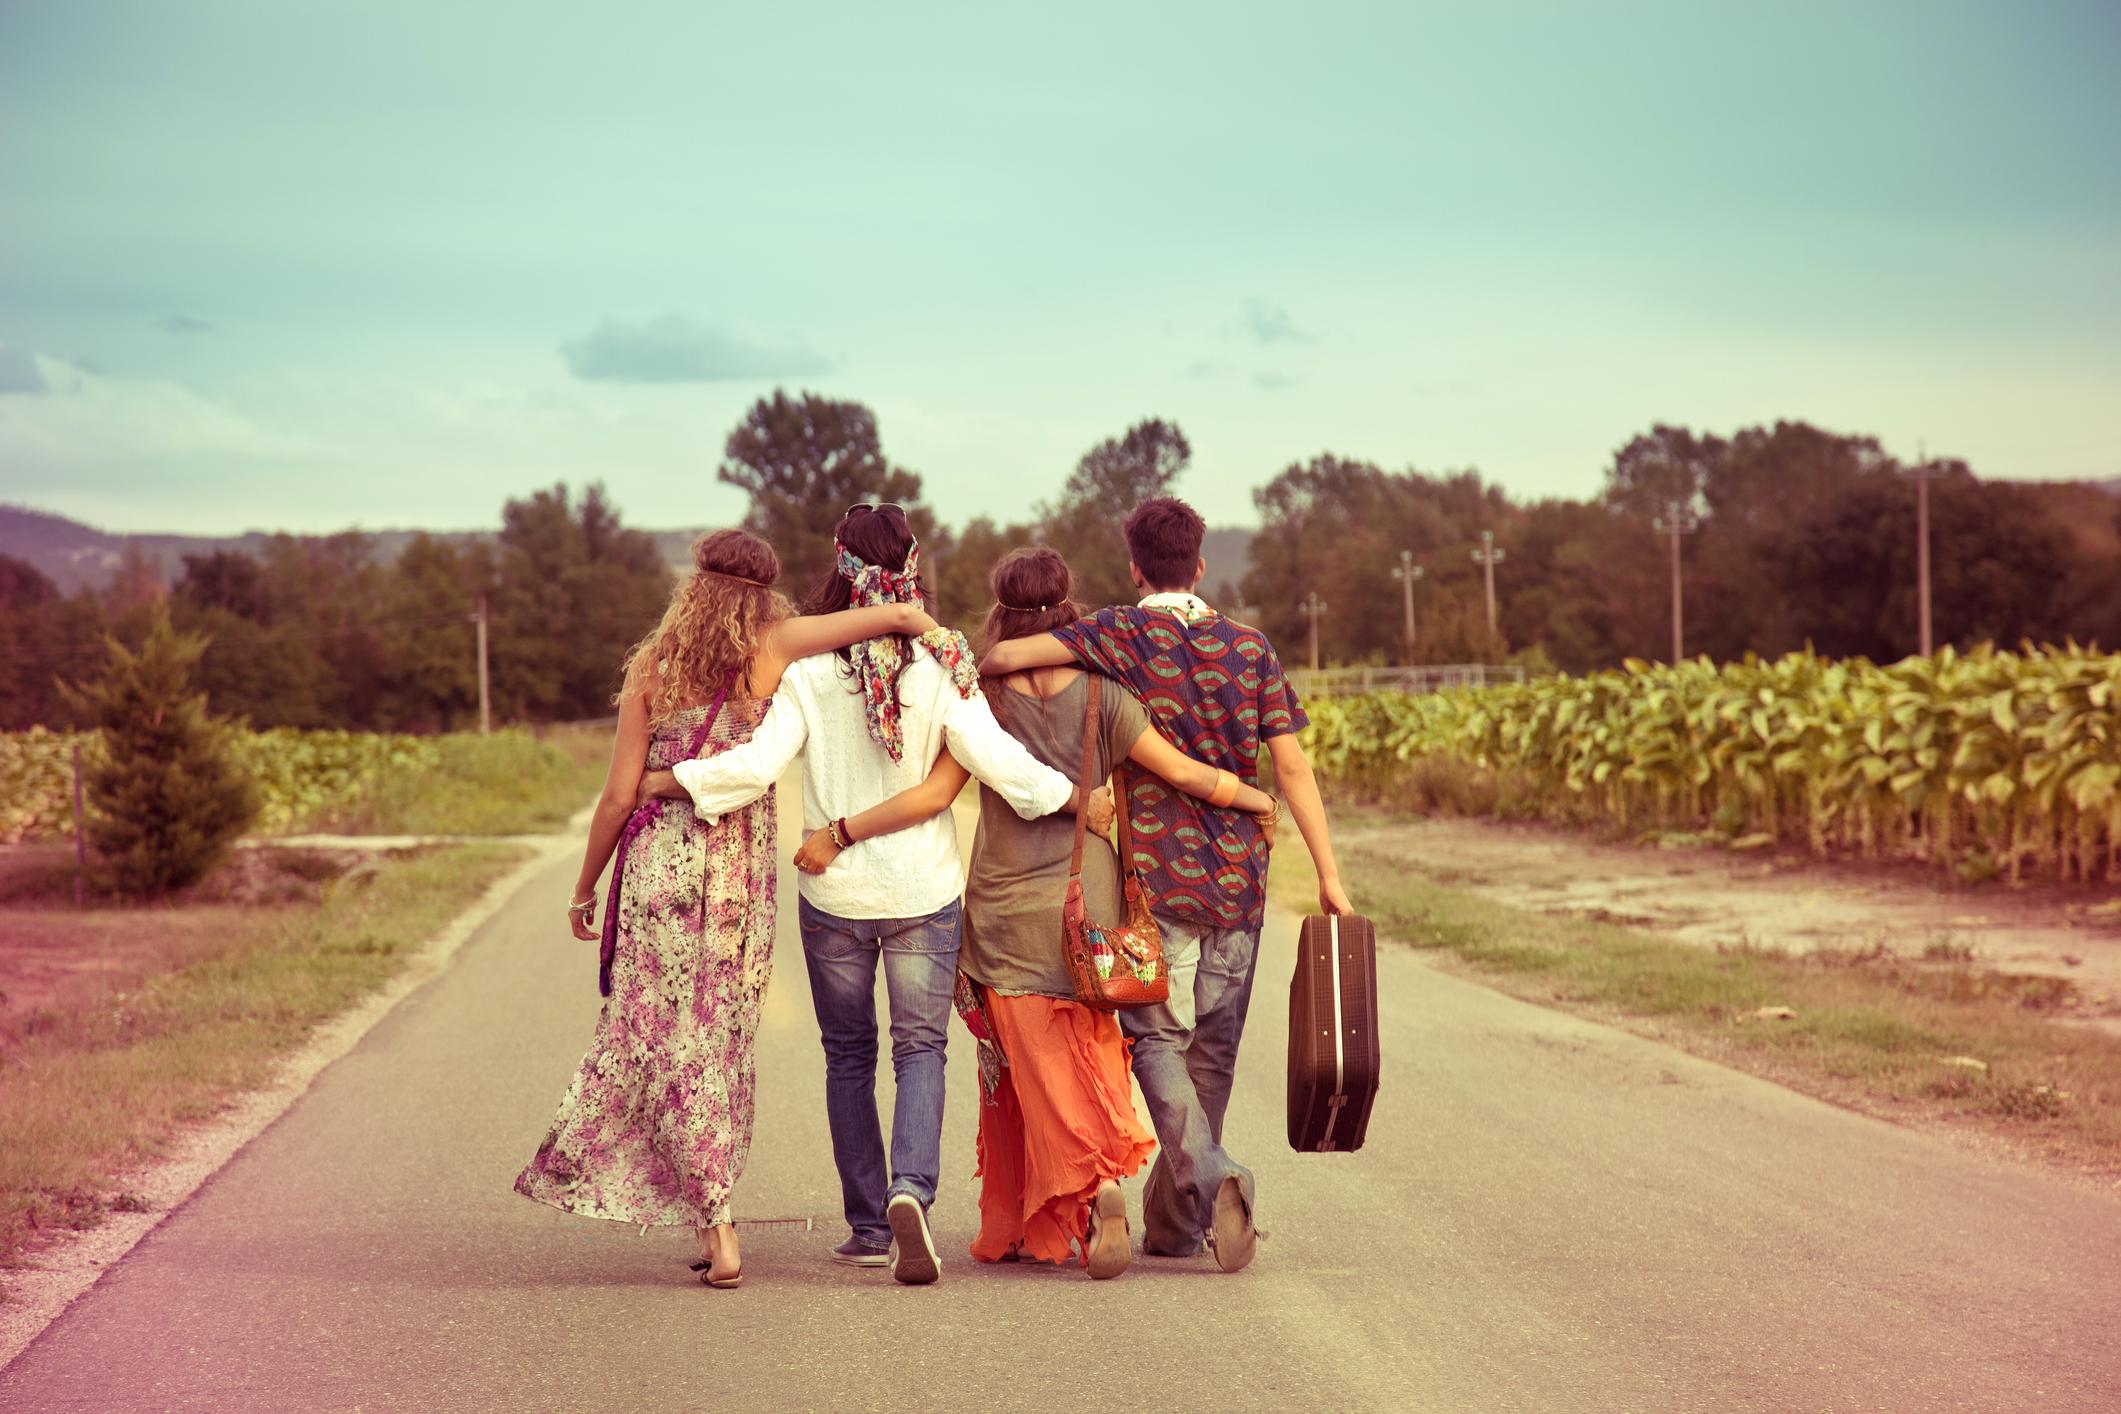 Is A Hippie Revolution Needed To Make My Grandchildren's World Better?